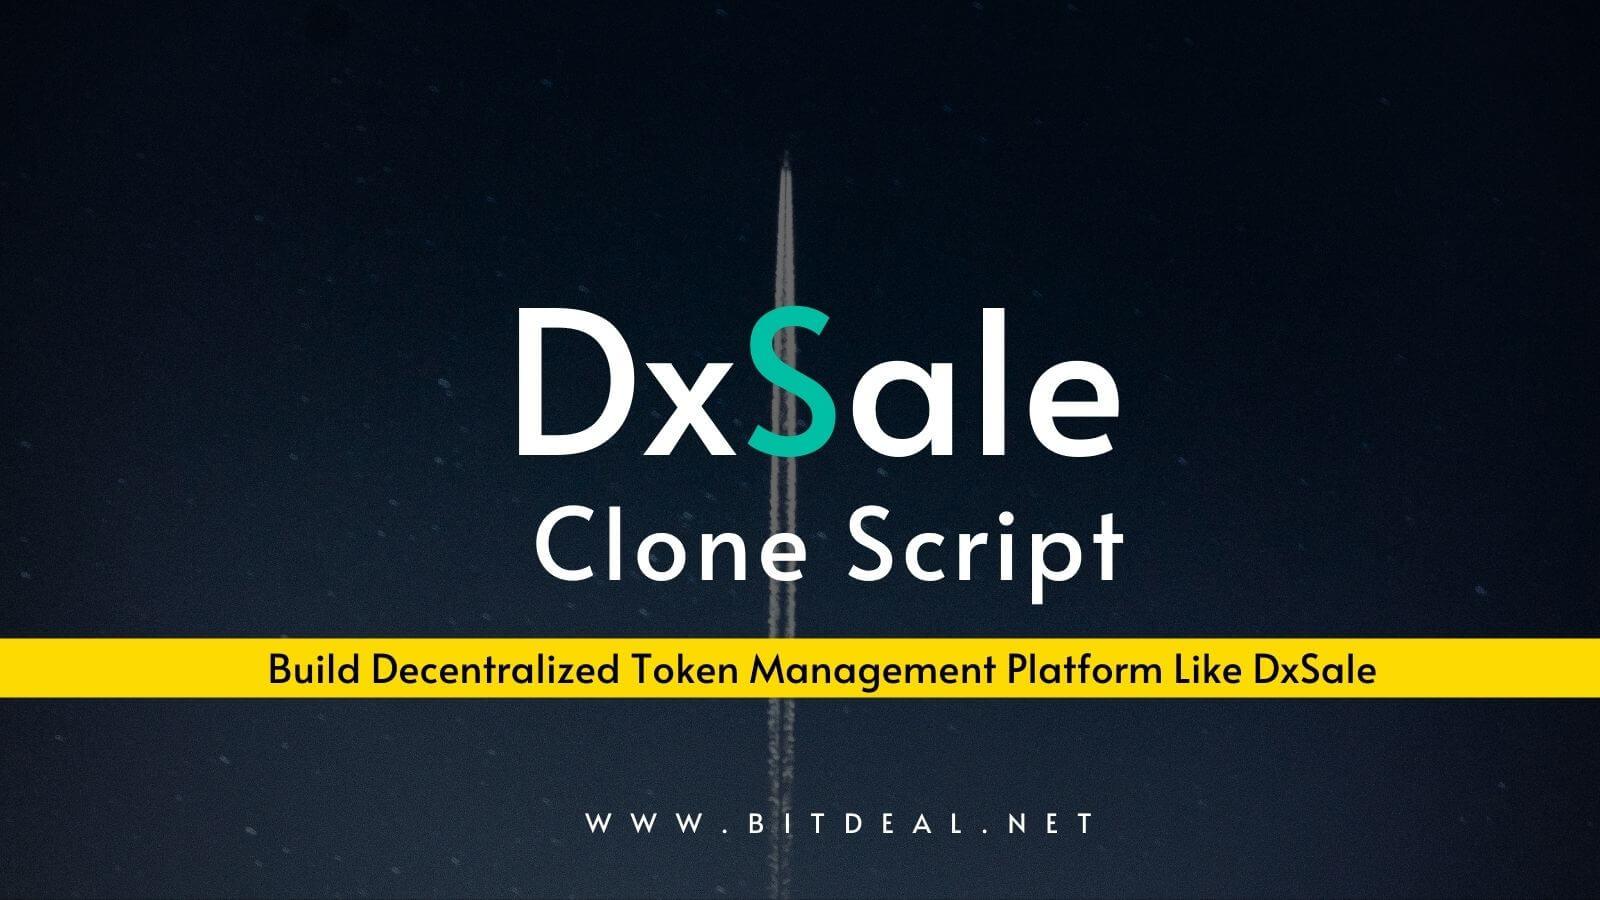 DxSale Clone Script To Create Token Sale and  Management Platform